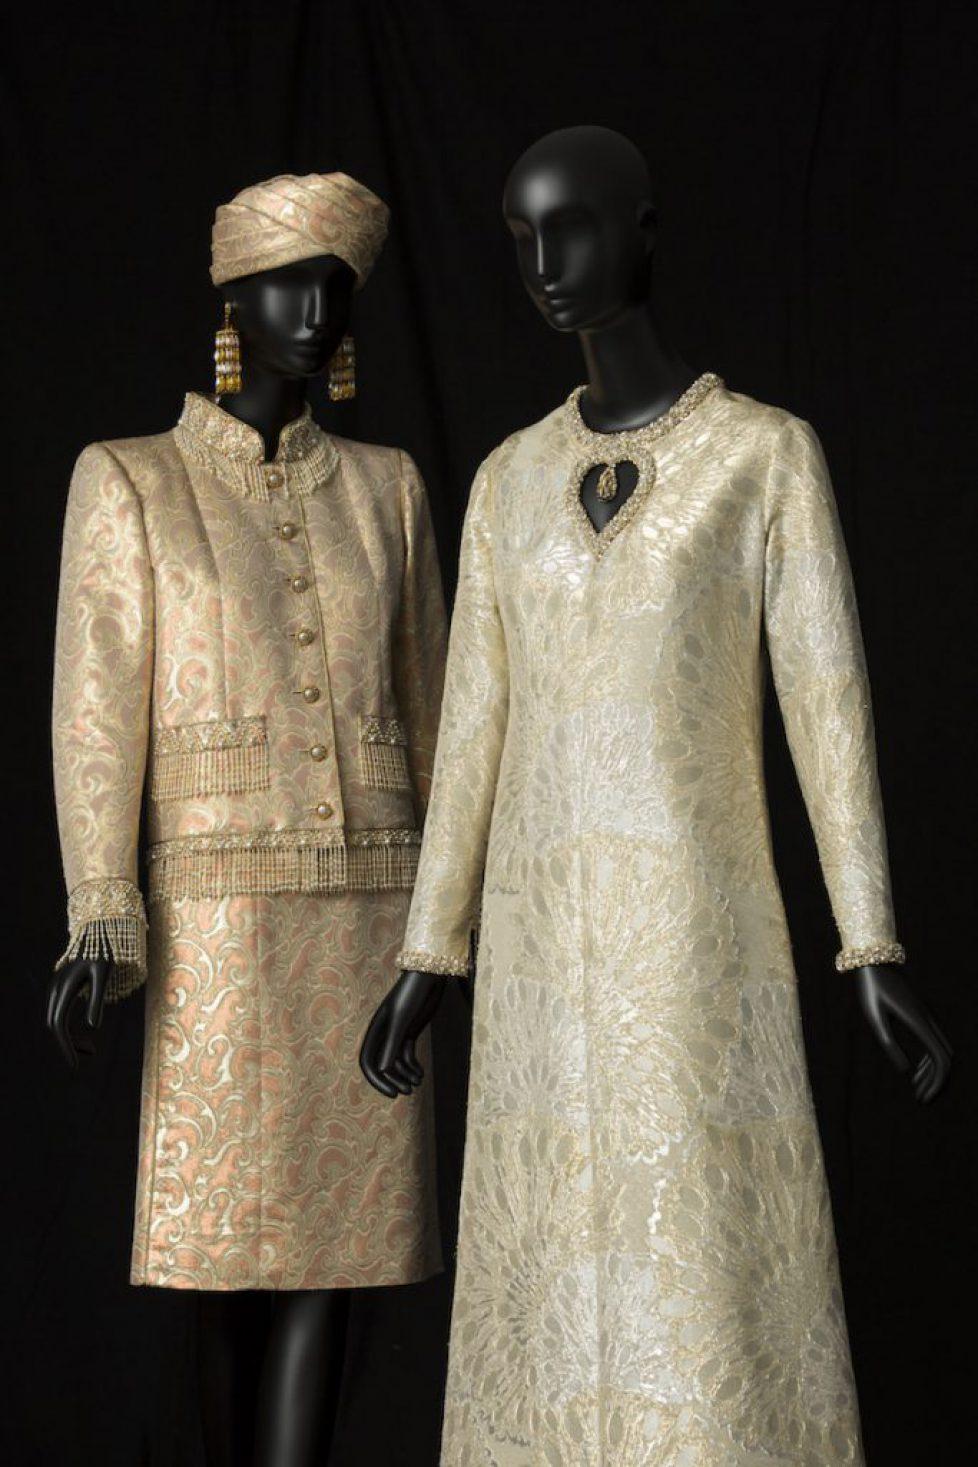 05-Tailleur-de-soir-court-collection-haute-couture-printemps-été-1982-et-Robe-de-soir-long-collection-haute